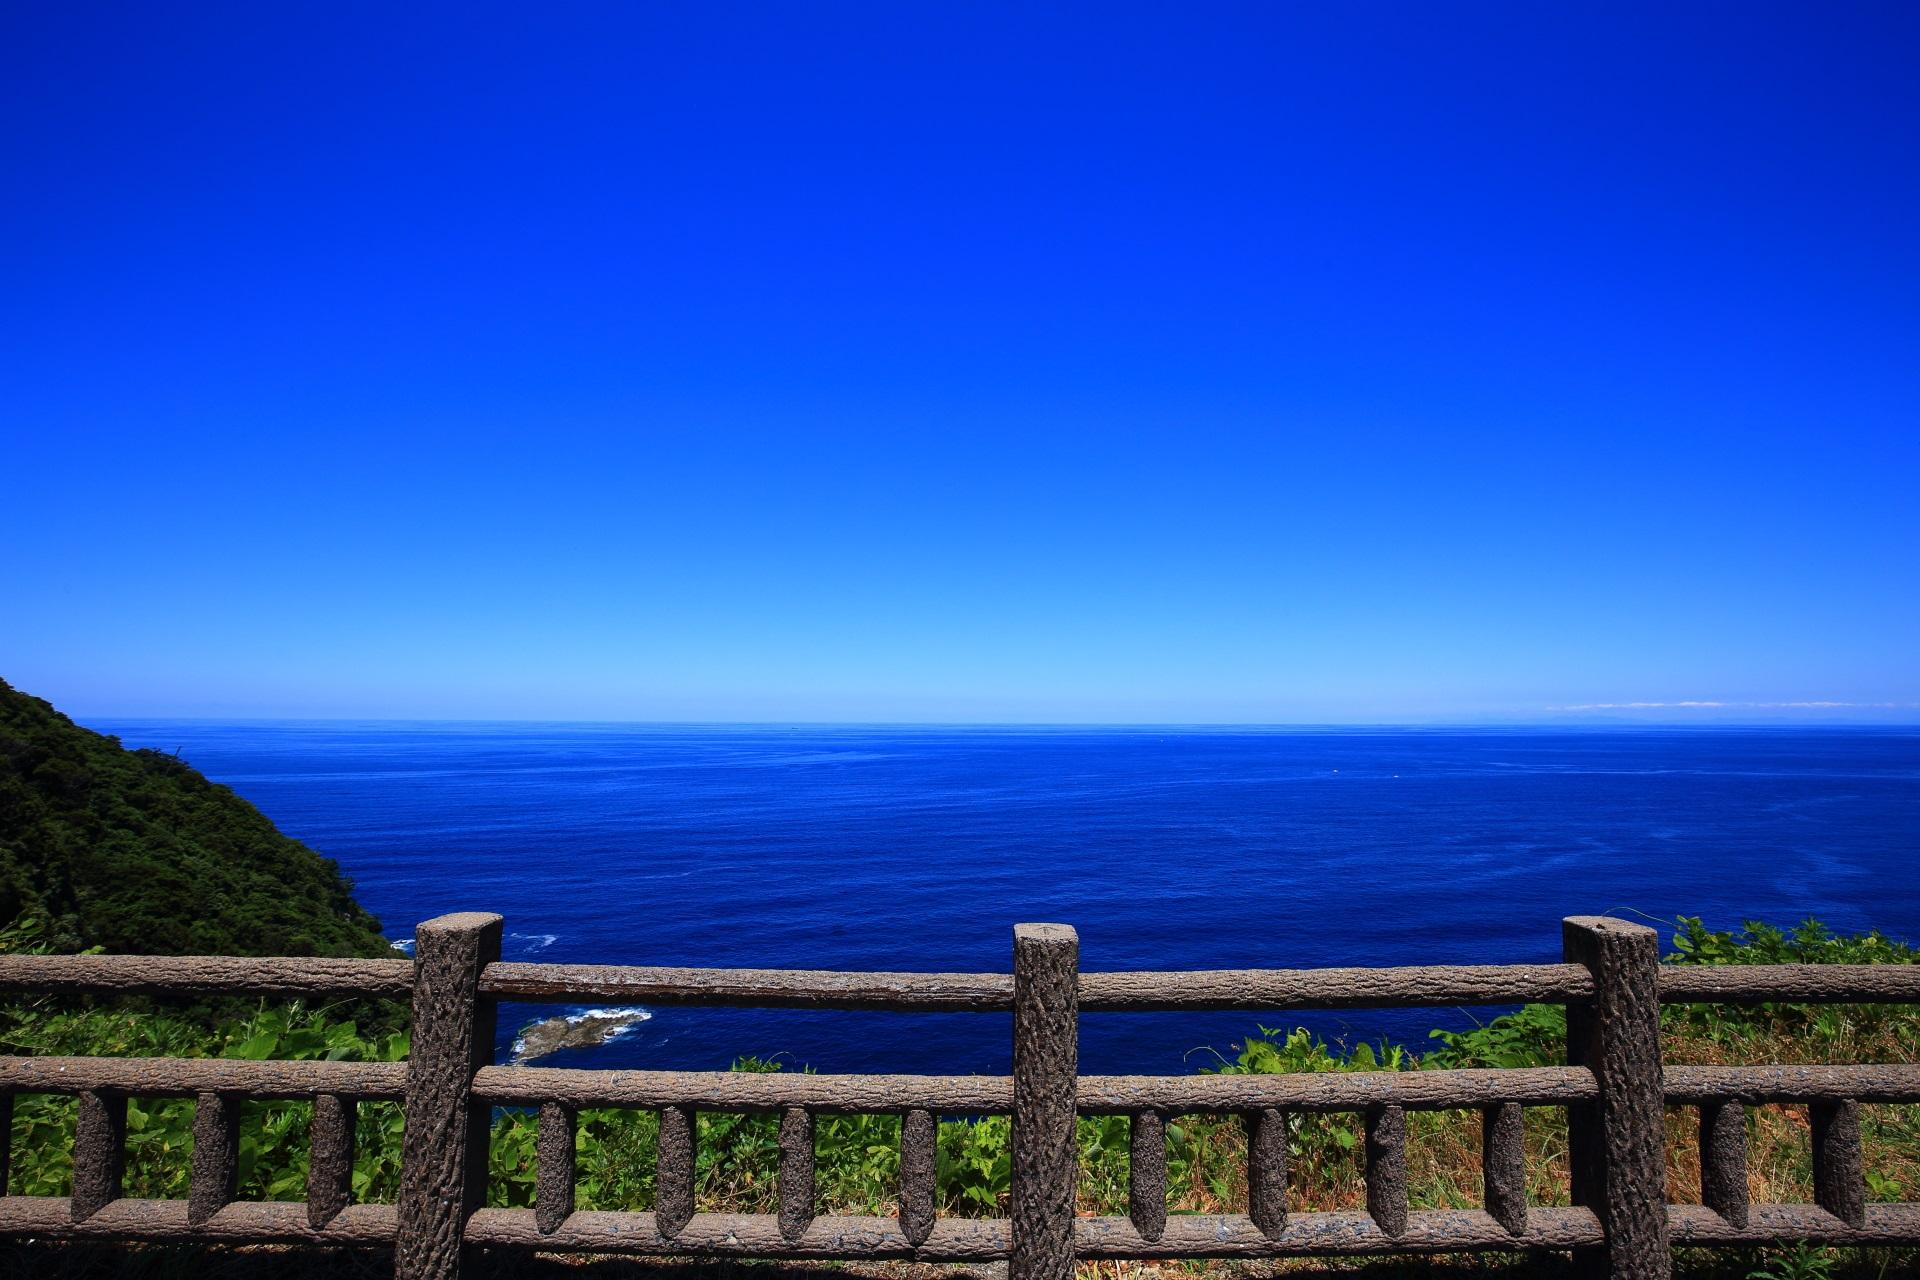 「経ヶ岬展望所」から眺めた日本海